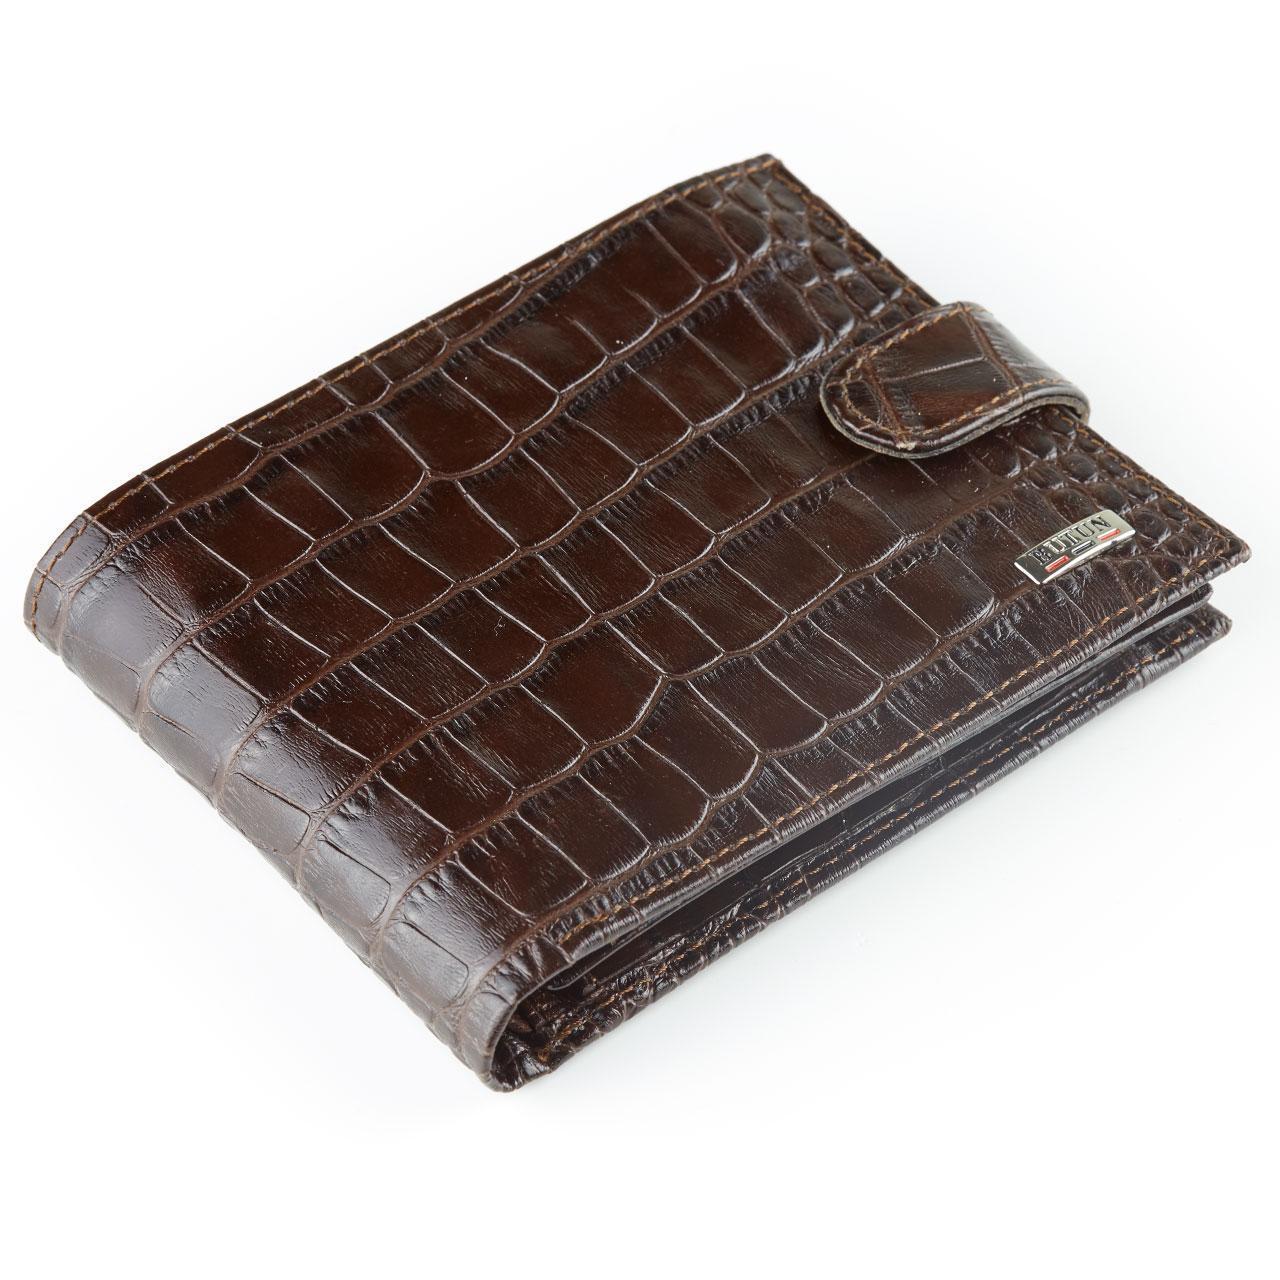 Мужское портмоне Butun 207-002-004 кожаное коричневое